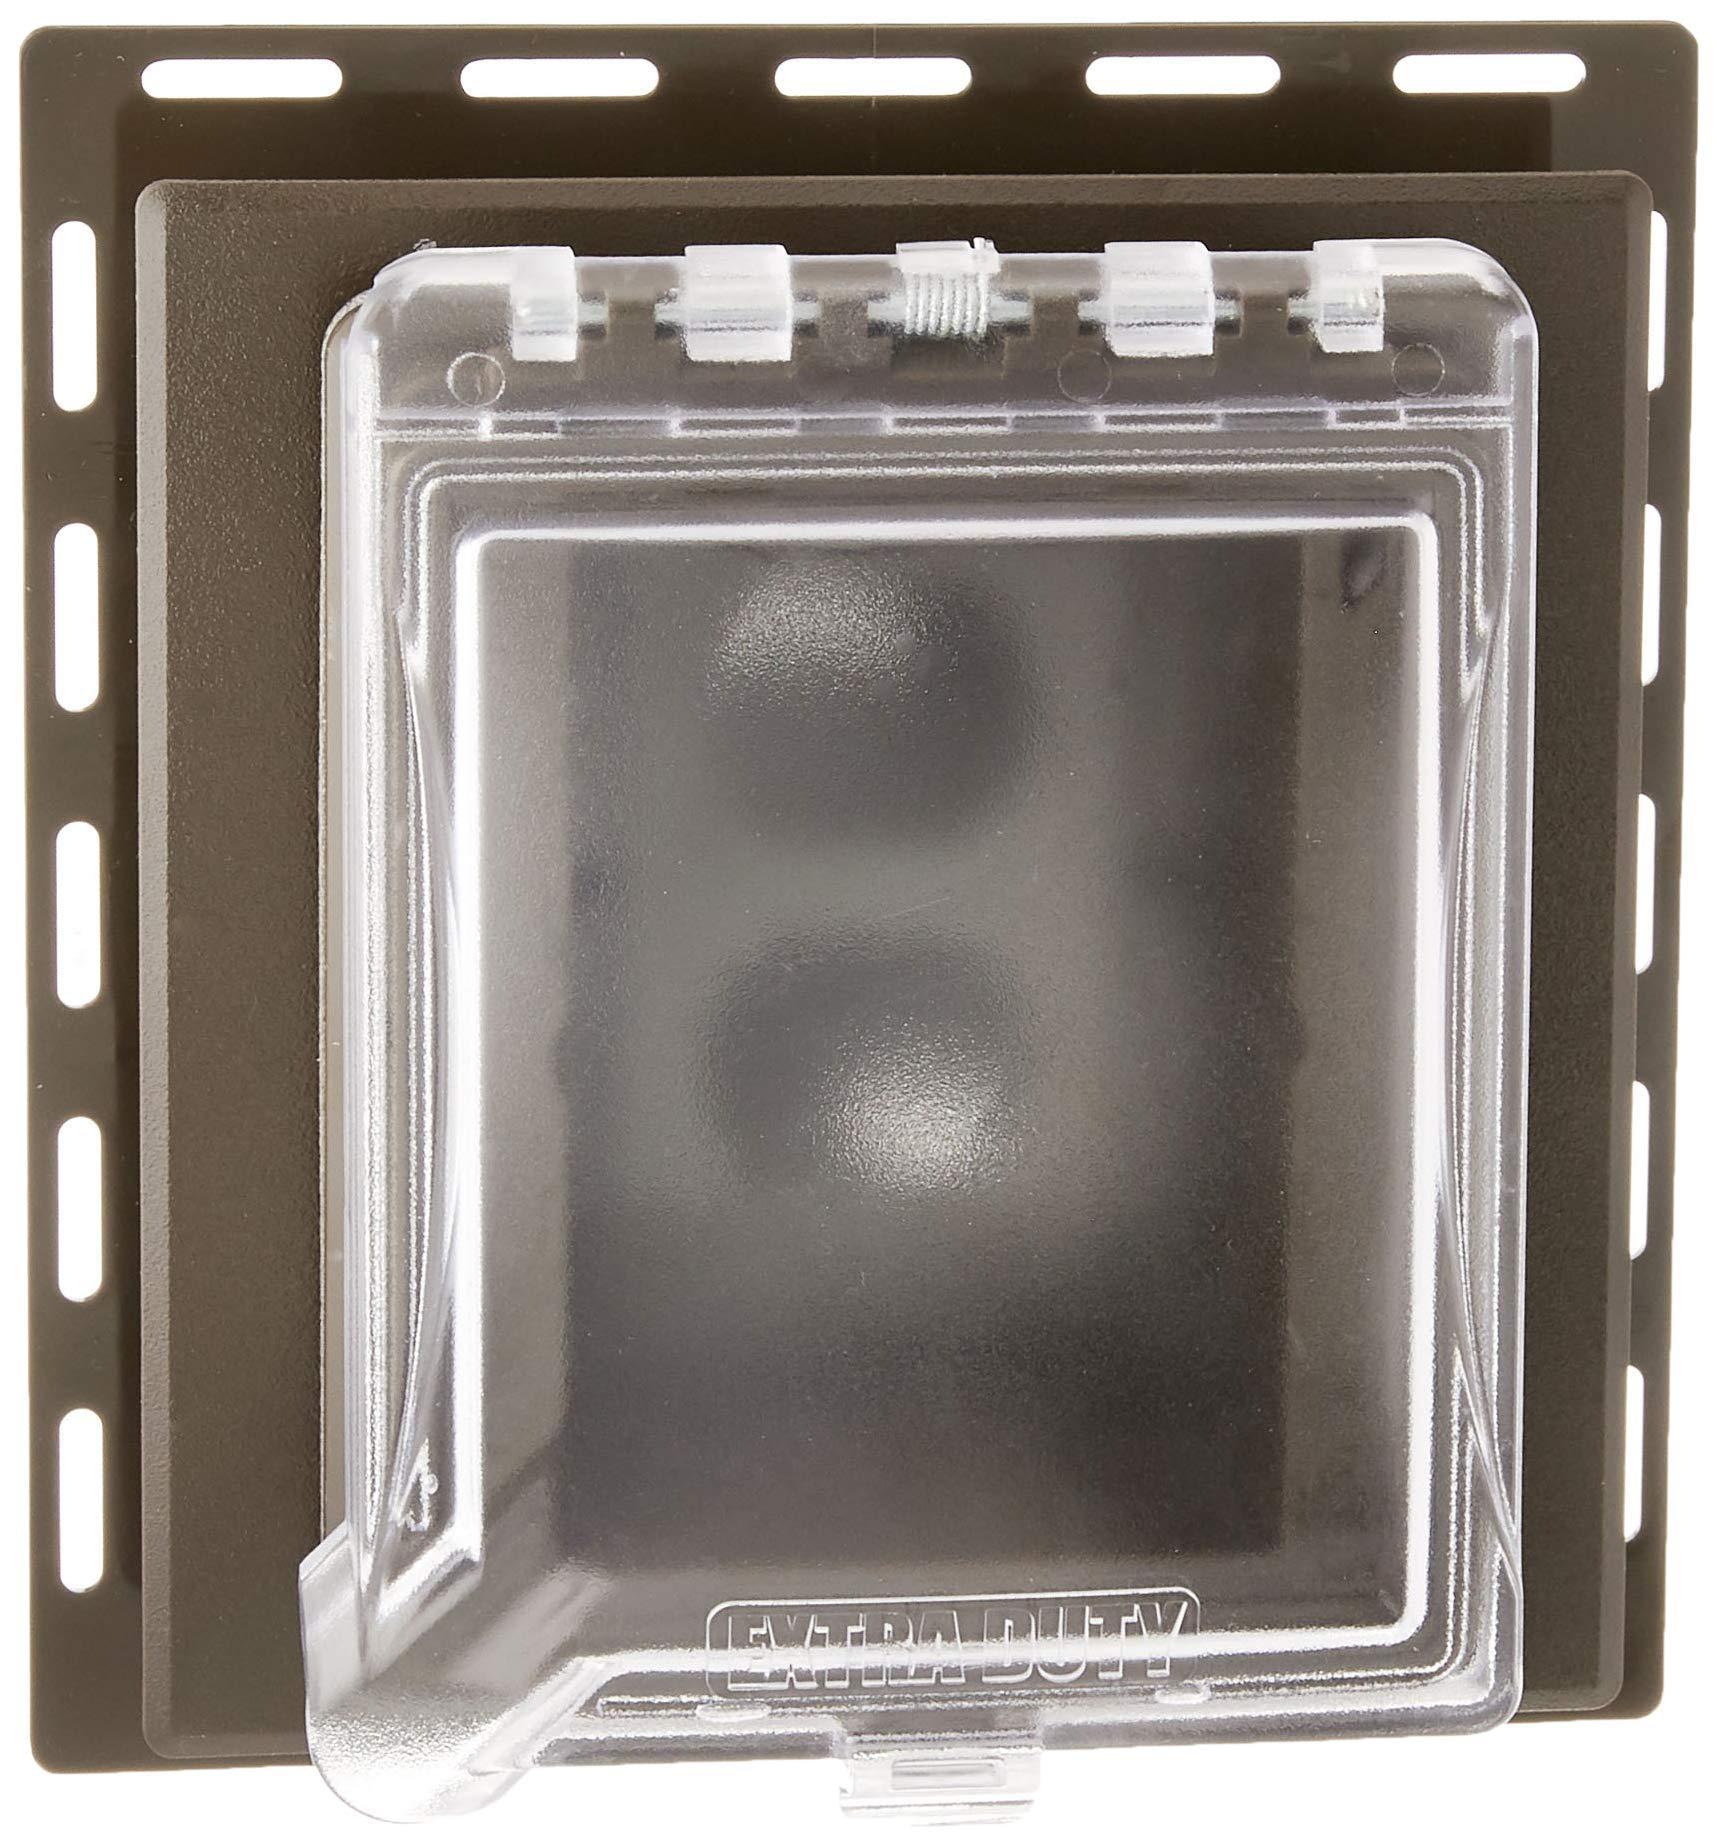 TayMac MR420CZ 1-Gang,6 合 1 防风雨罩,水平/垂直,无金属,青铜